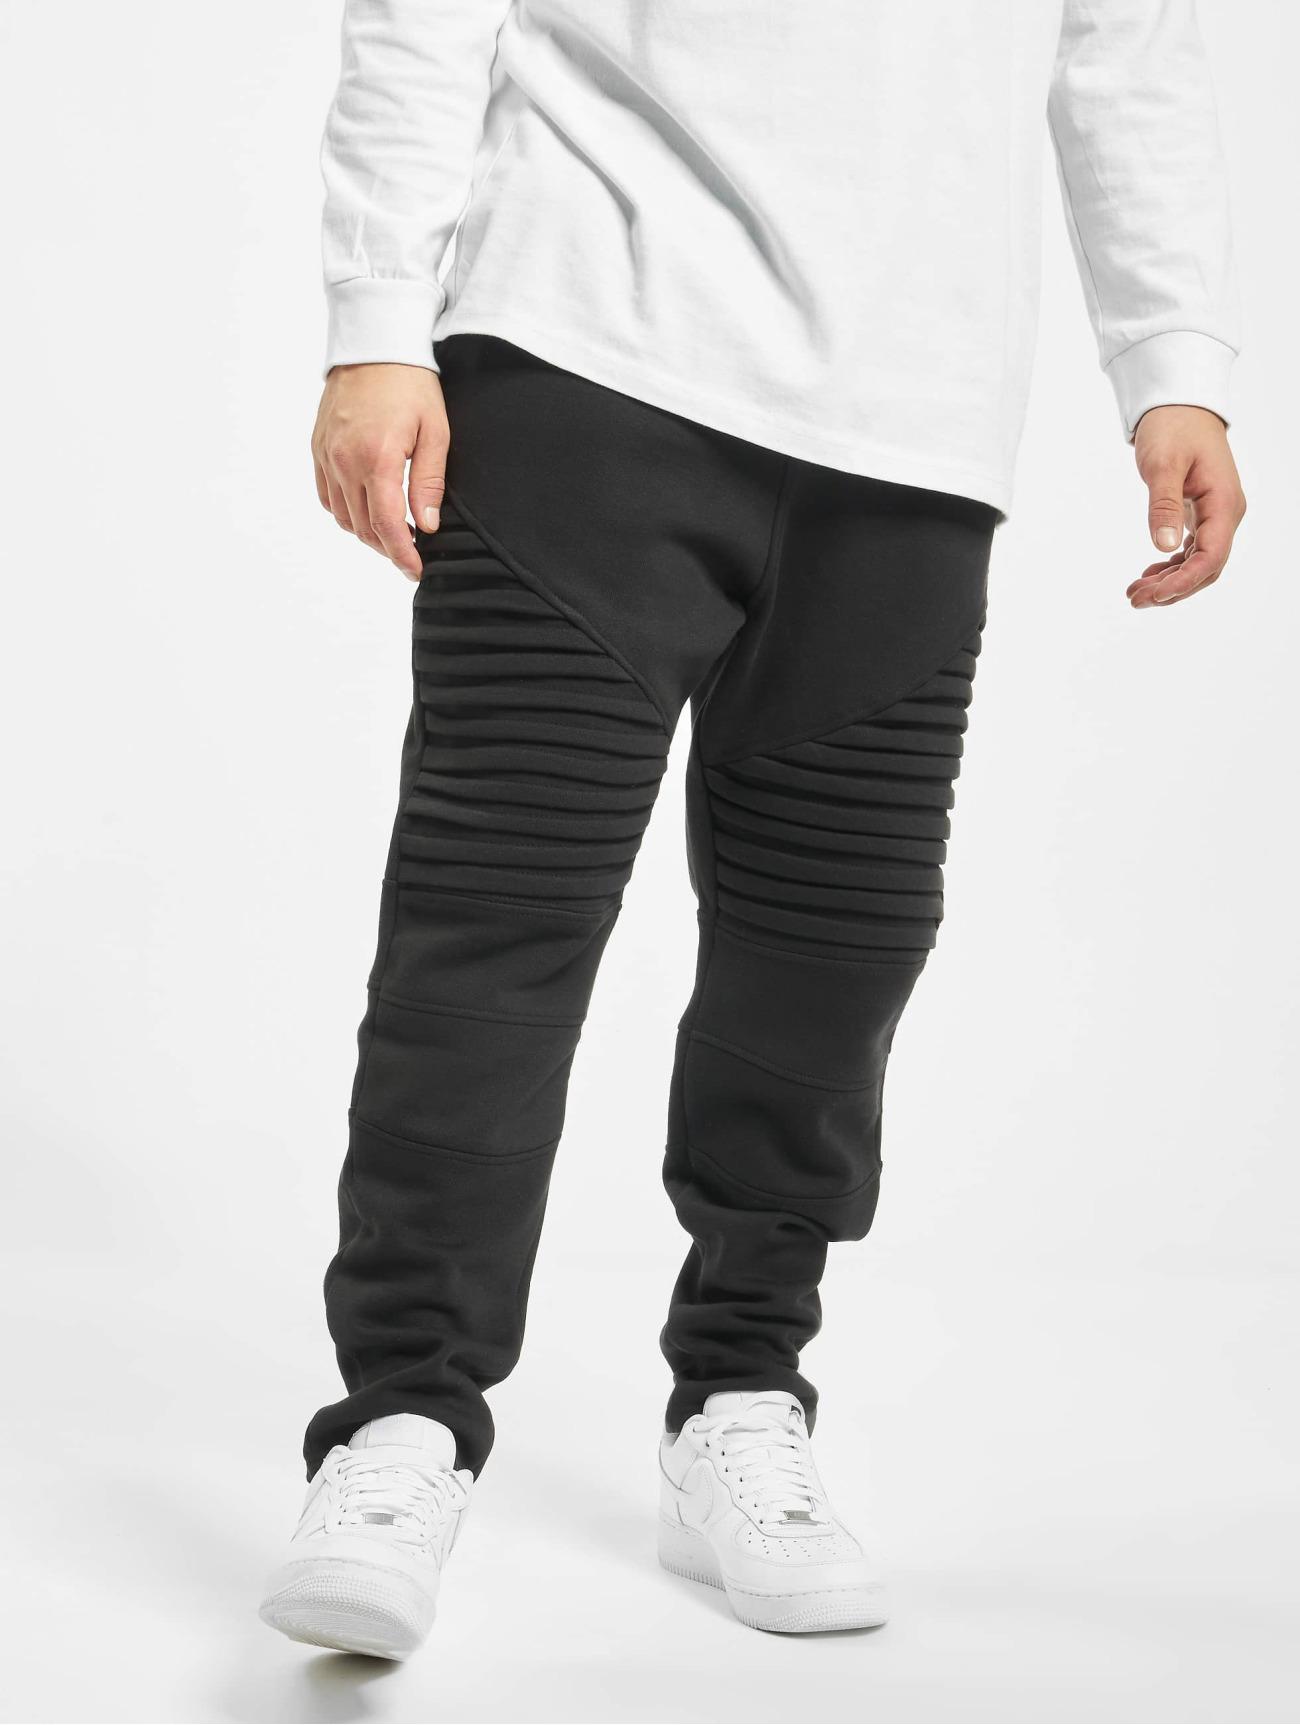 Urban Classics  Pleat   noir Homme Jogging  294153 Homme Pantalons & Shorts